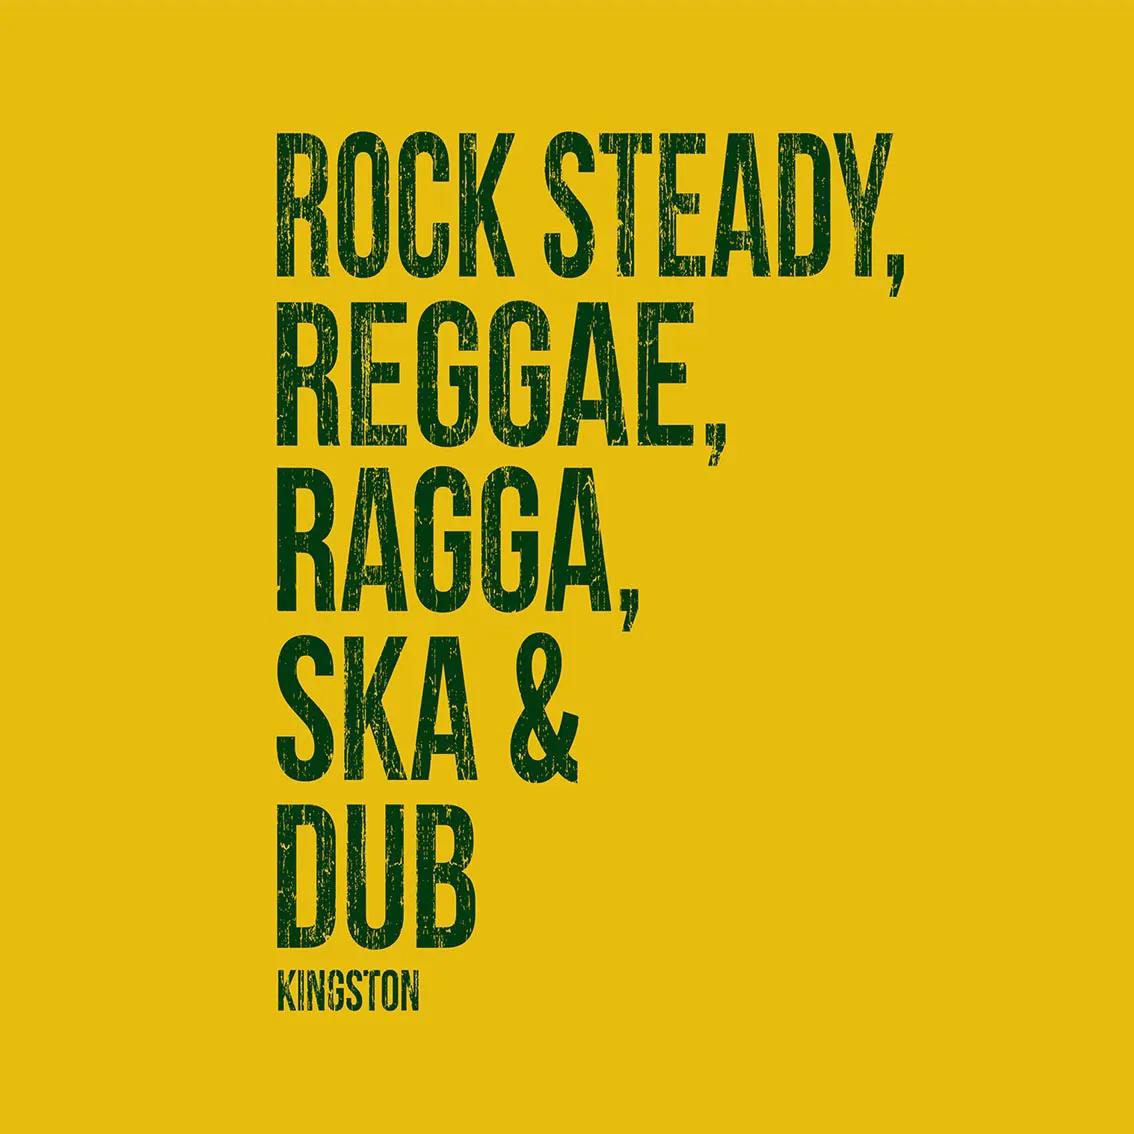 Quadro A4 - Sounds Of Kingston